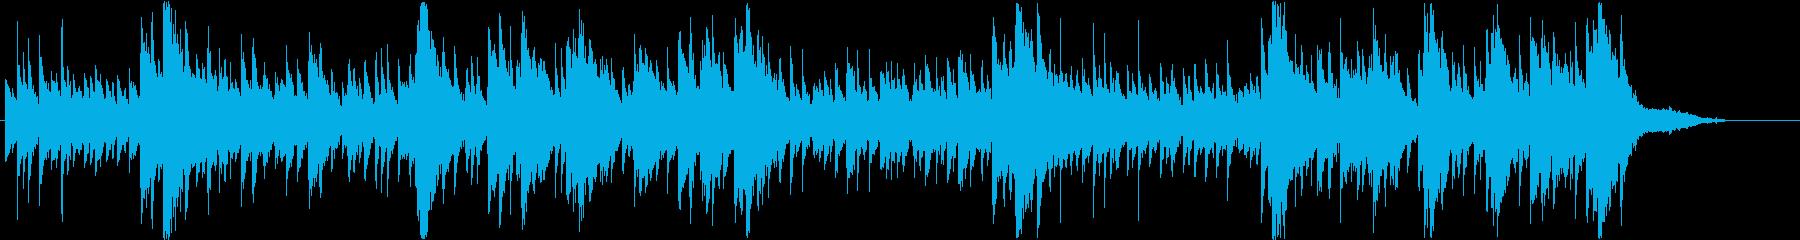 幻想的で民族ヒーリング曲・ガムランの再生済みの波形